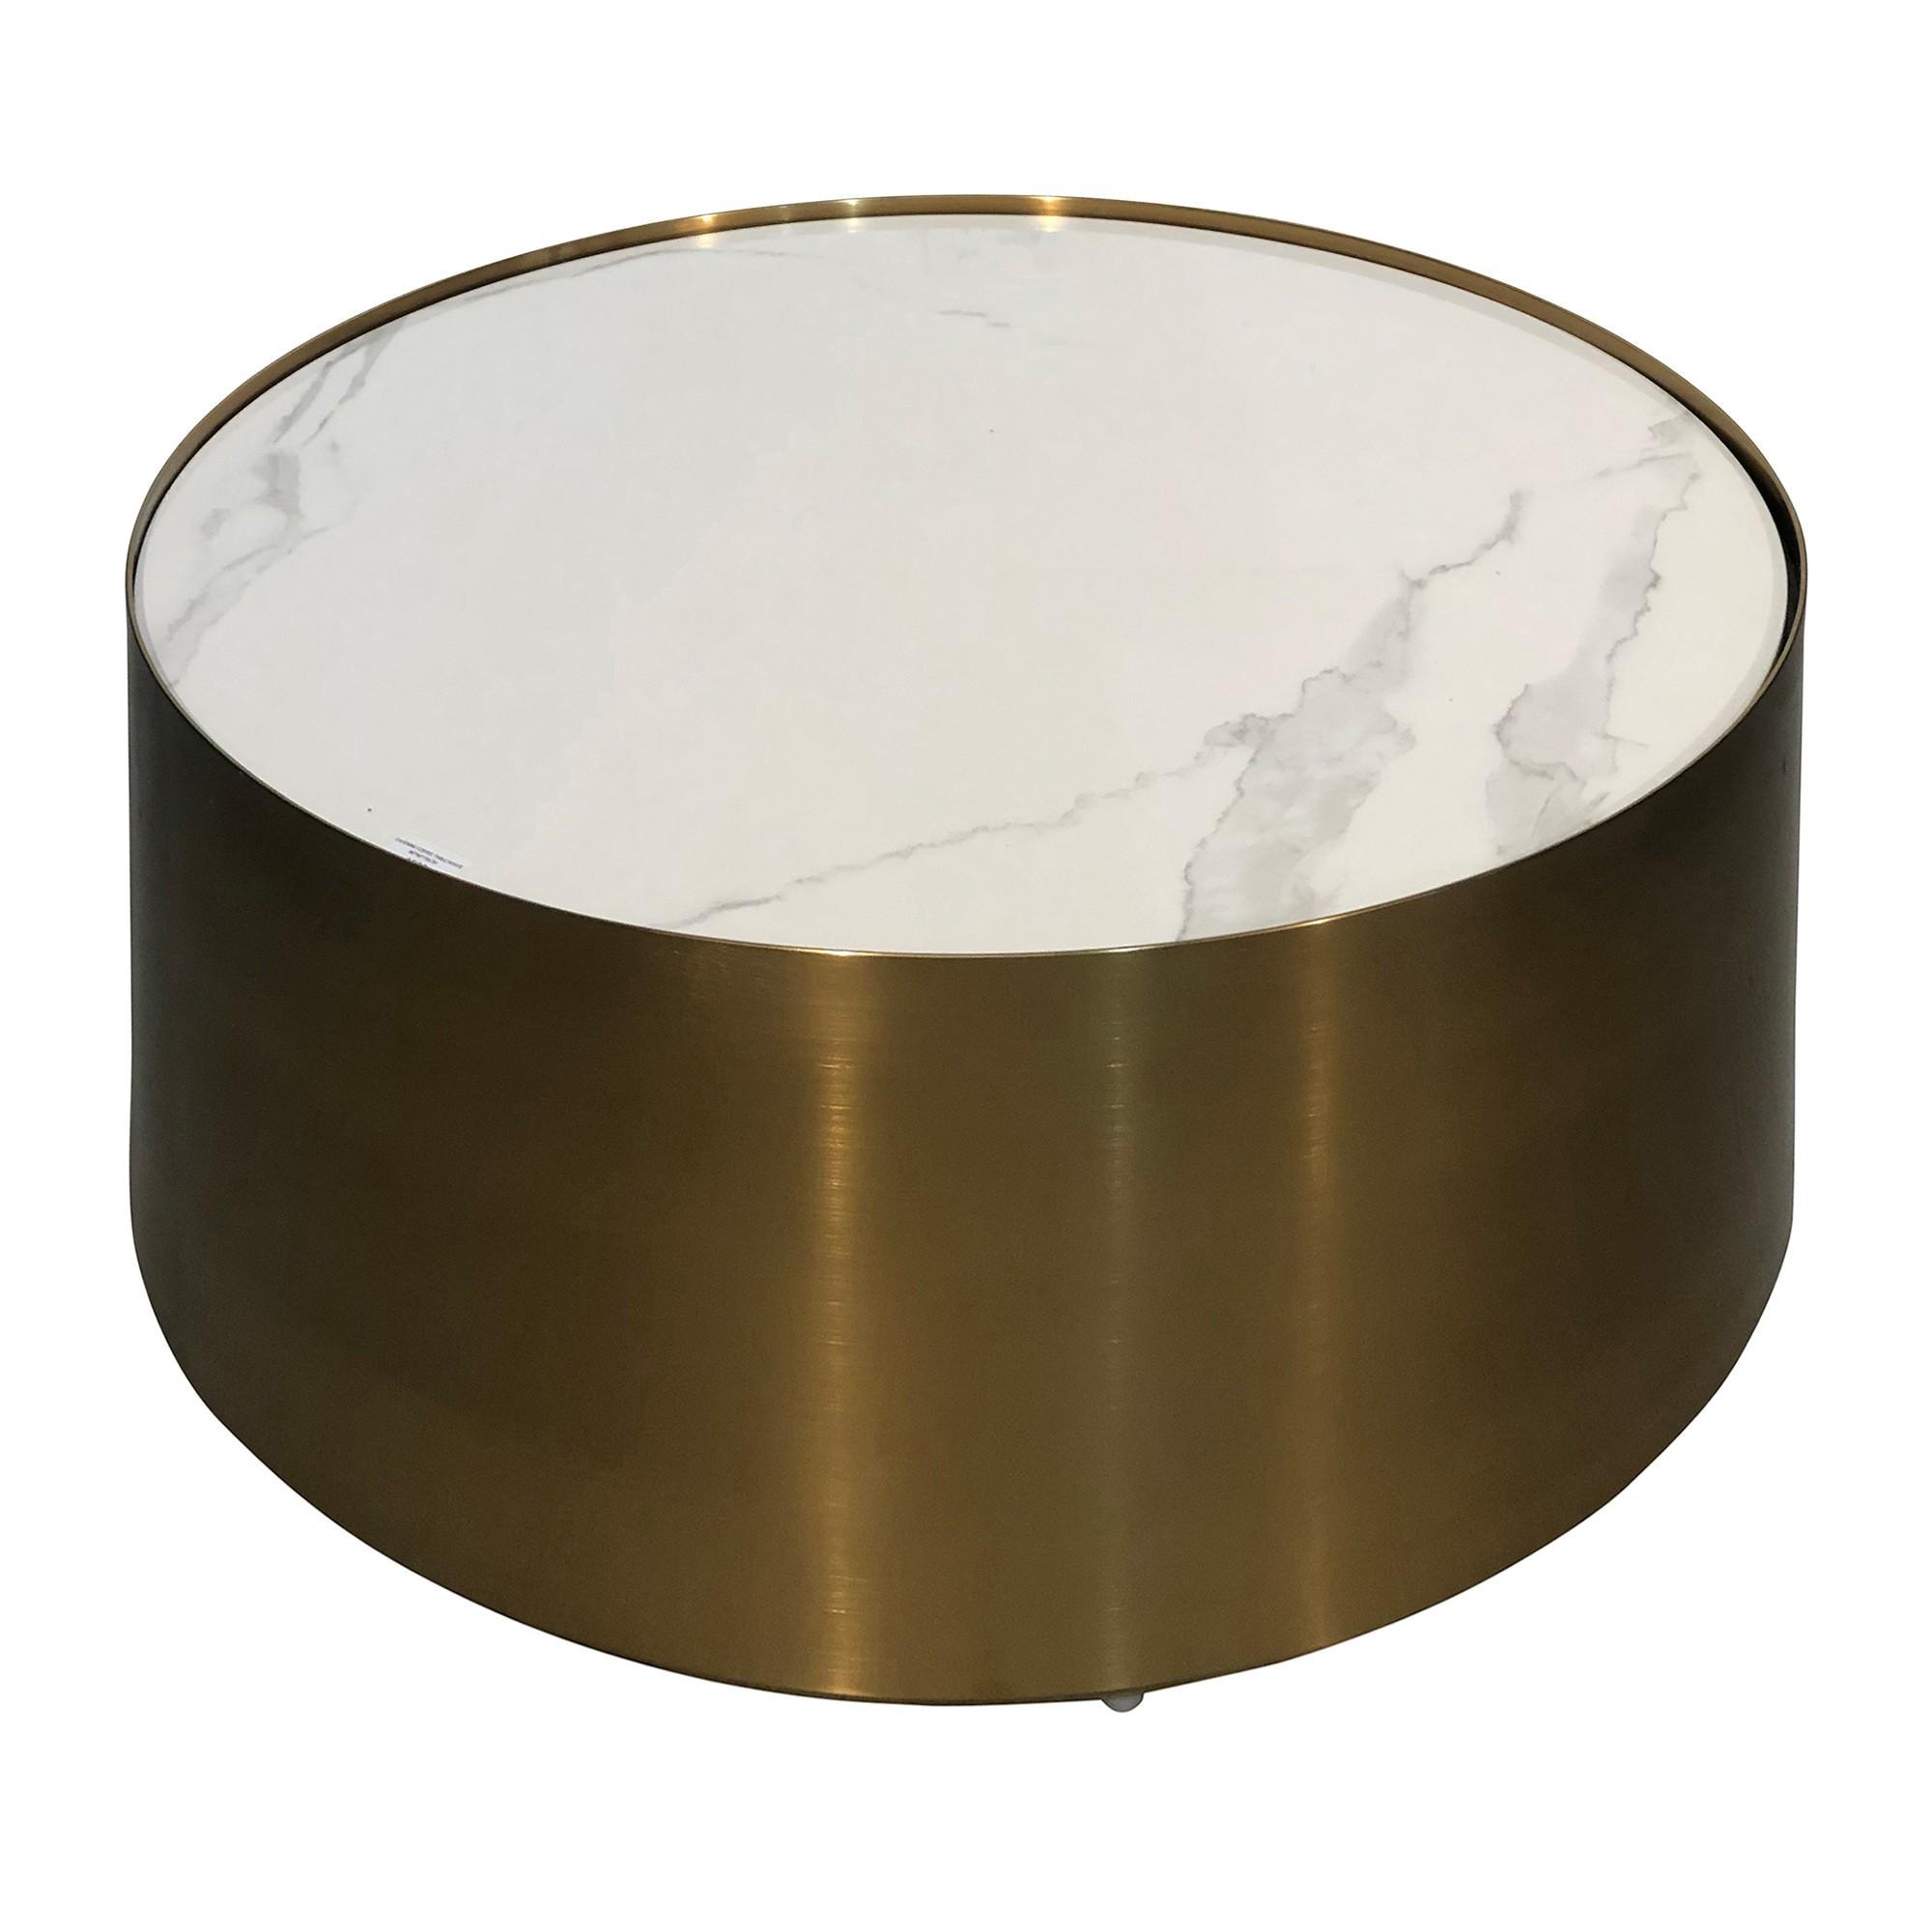 Sella Porcelian & Iron Round Coffee Table, 80cm, White / Brass